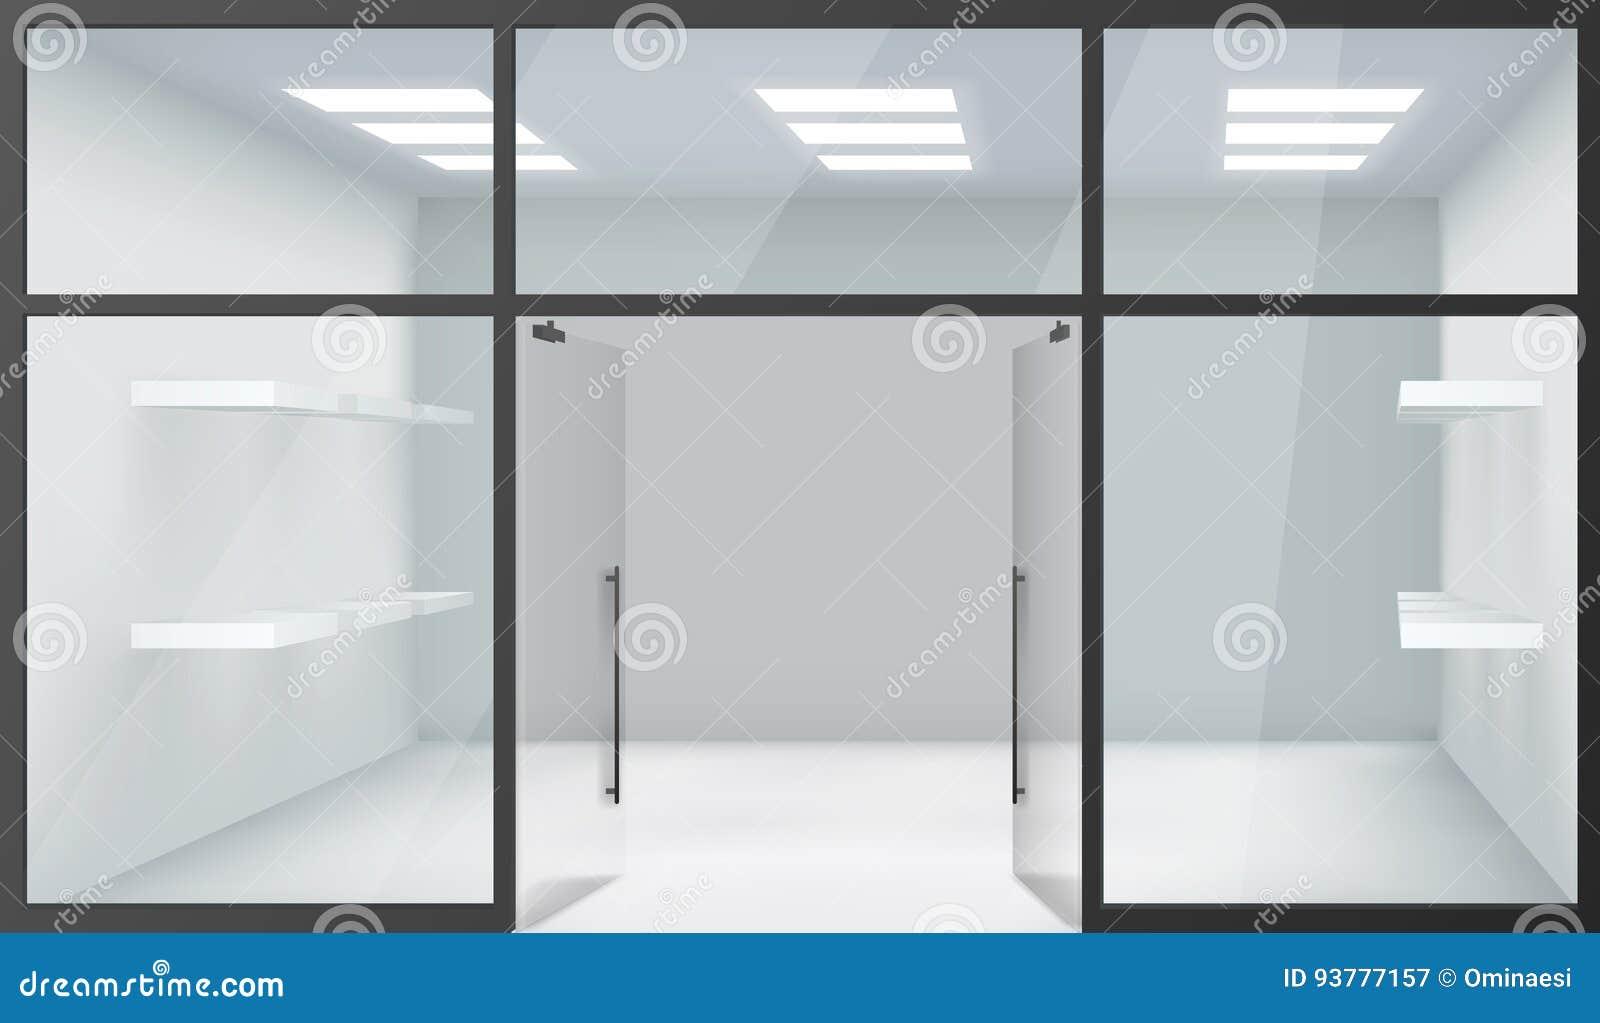 Türen shop  Realistische Windows Raum-offene Türen Shop-legt Leere Innen-Front ...